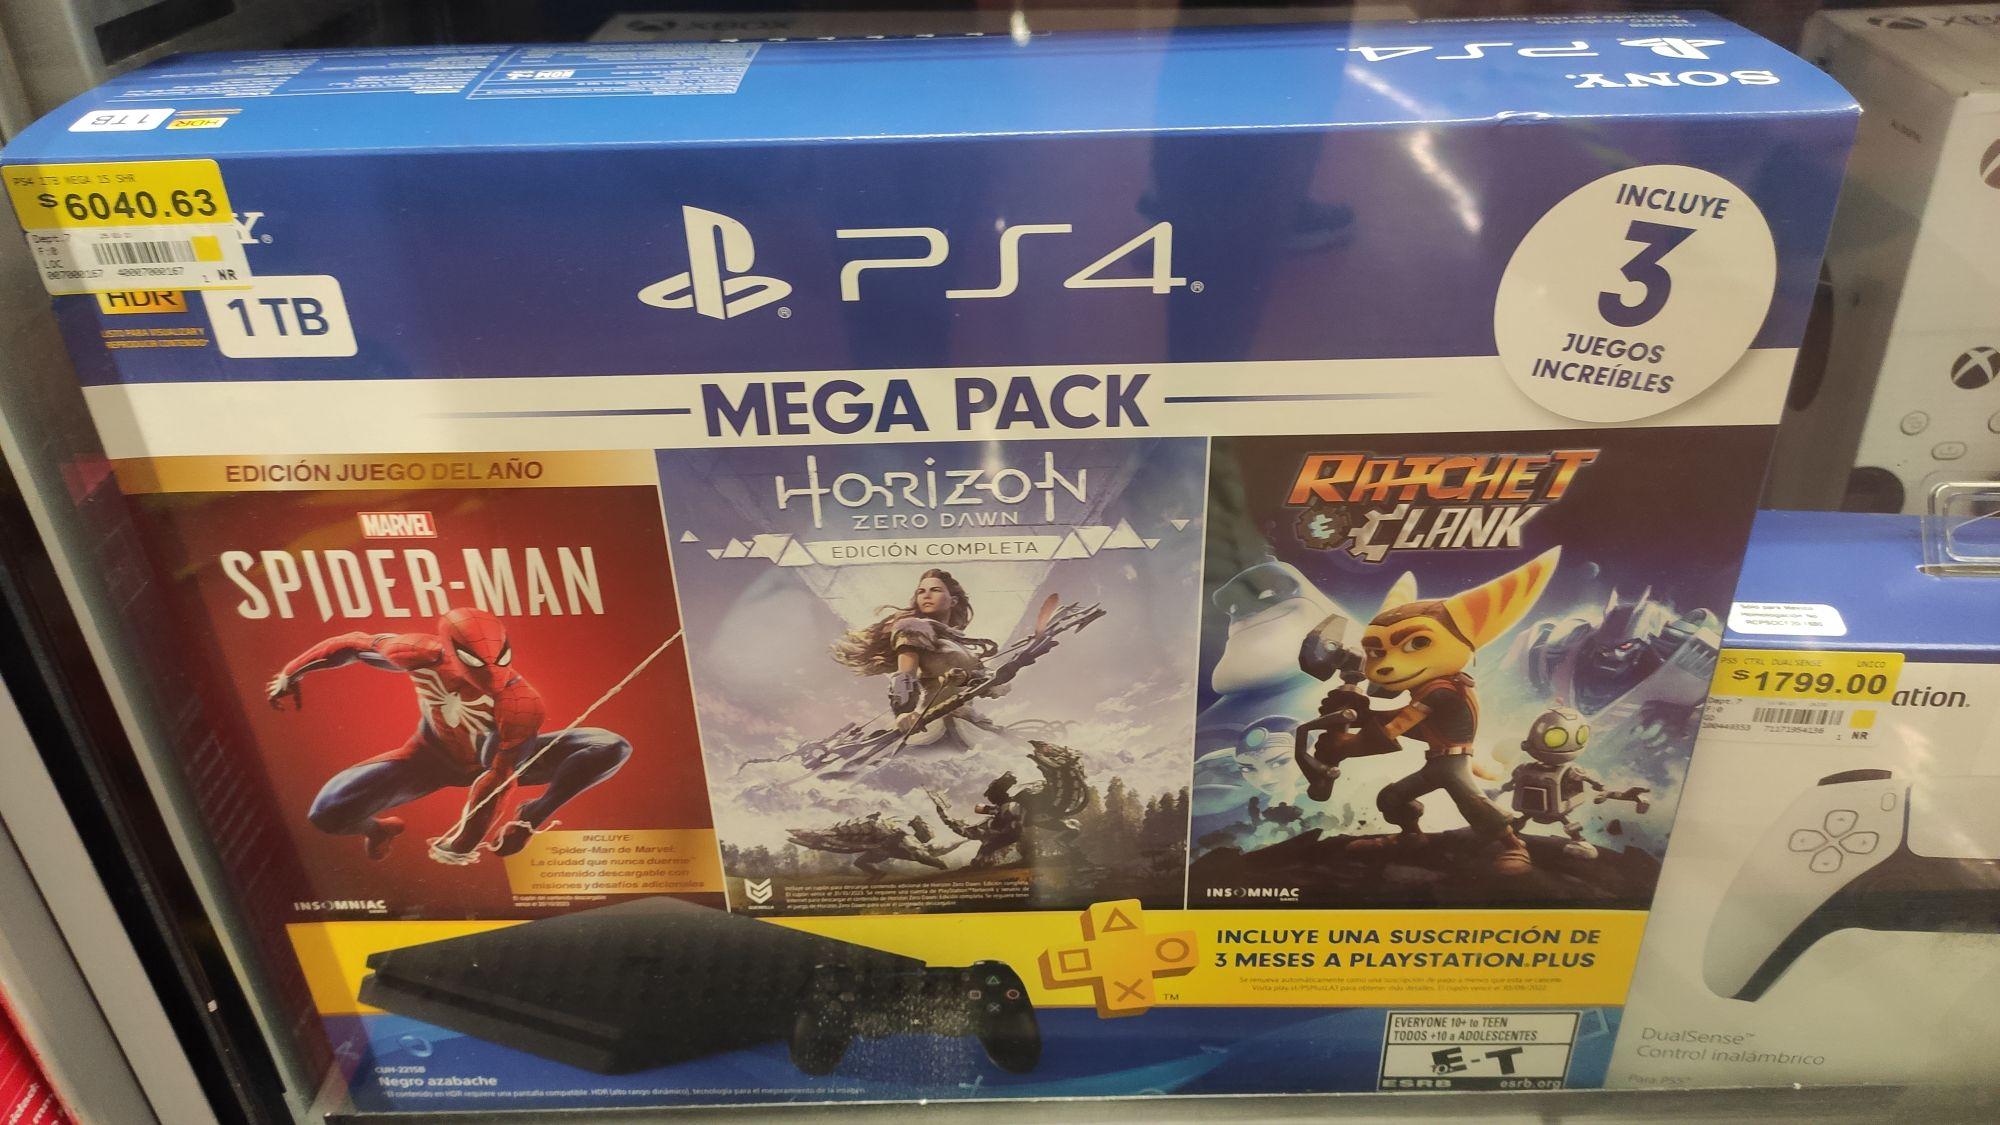 Walmart: PS4 MEGA PACK